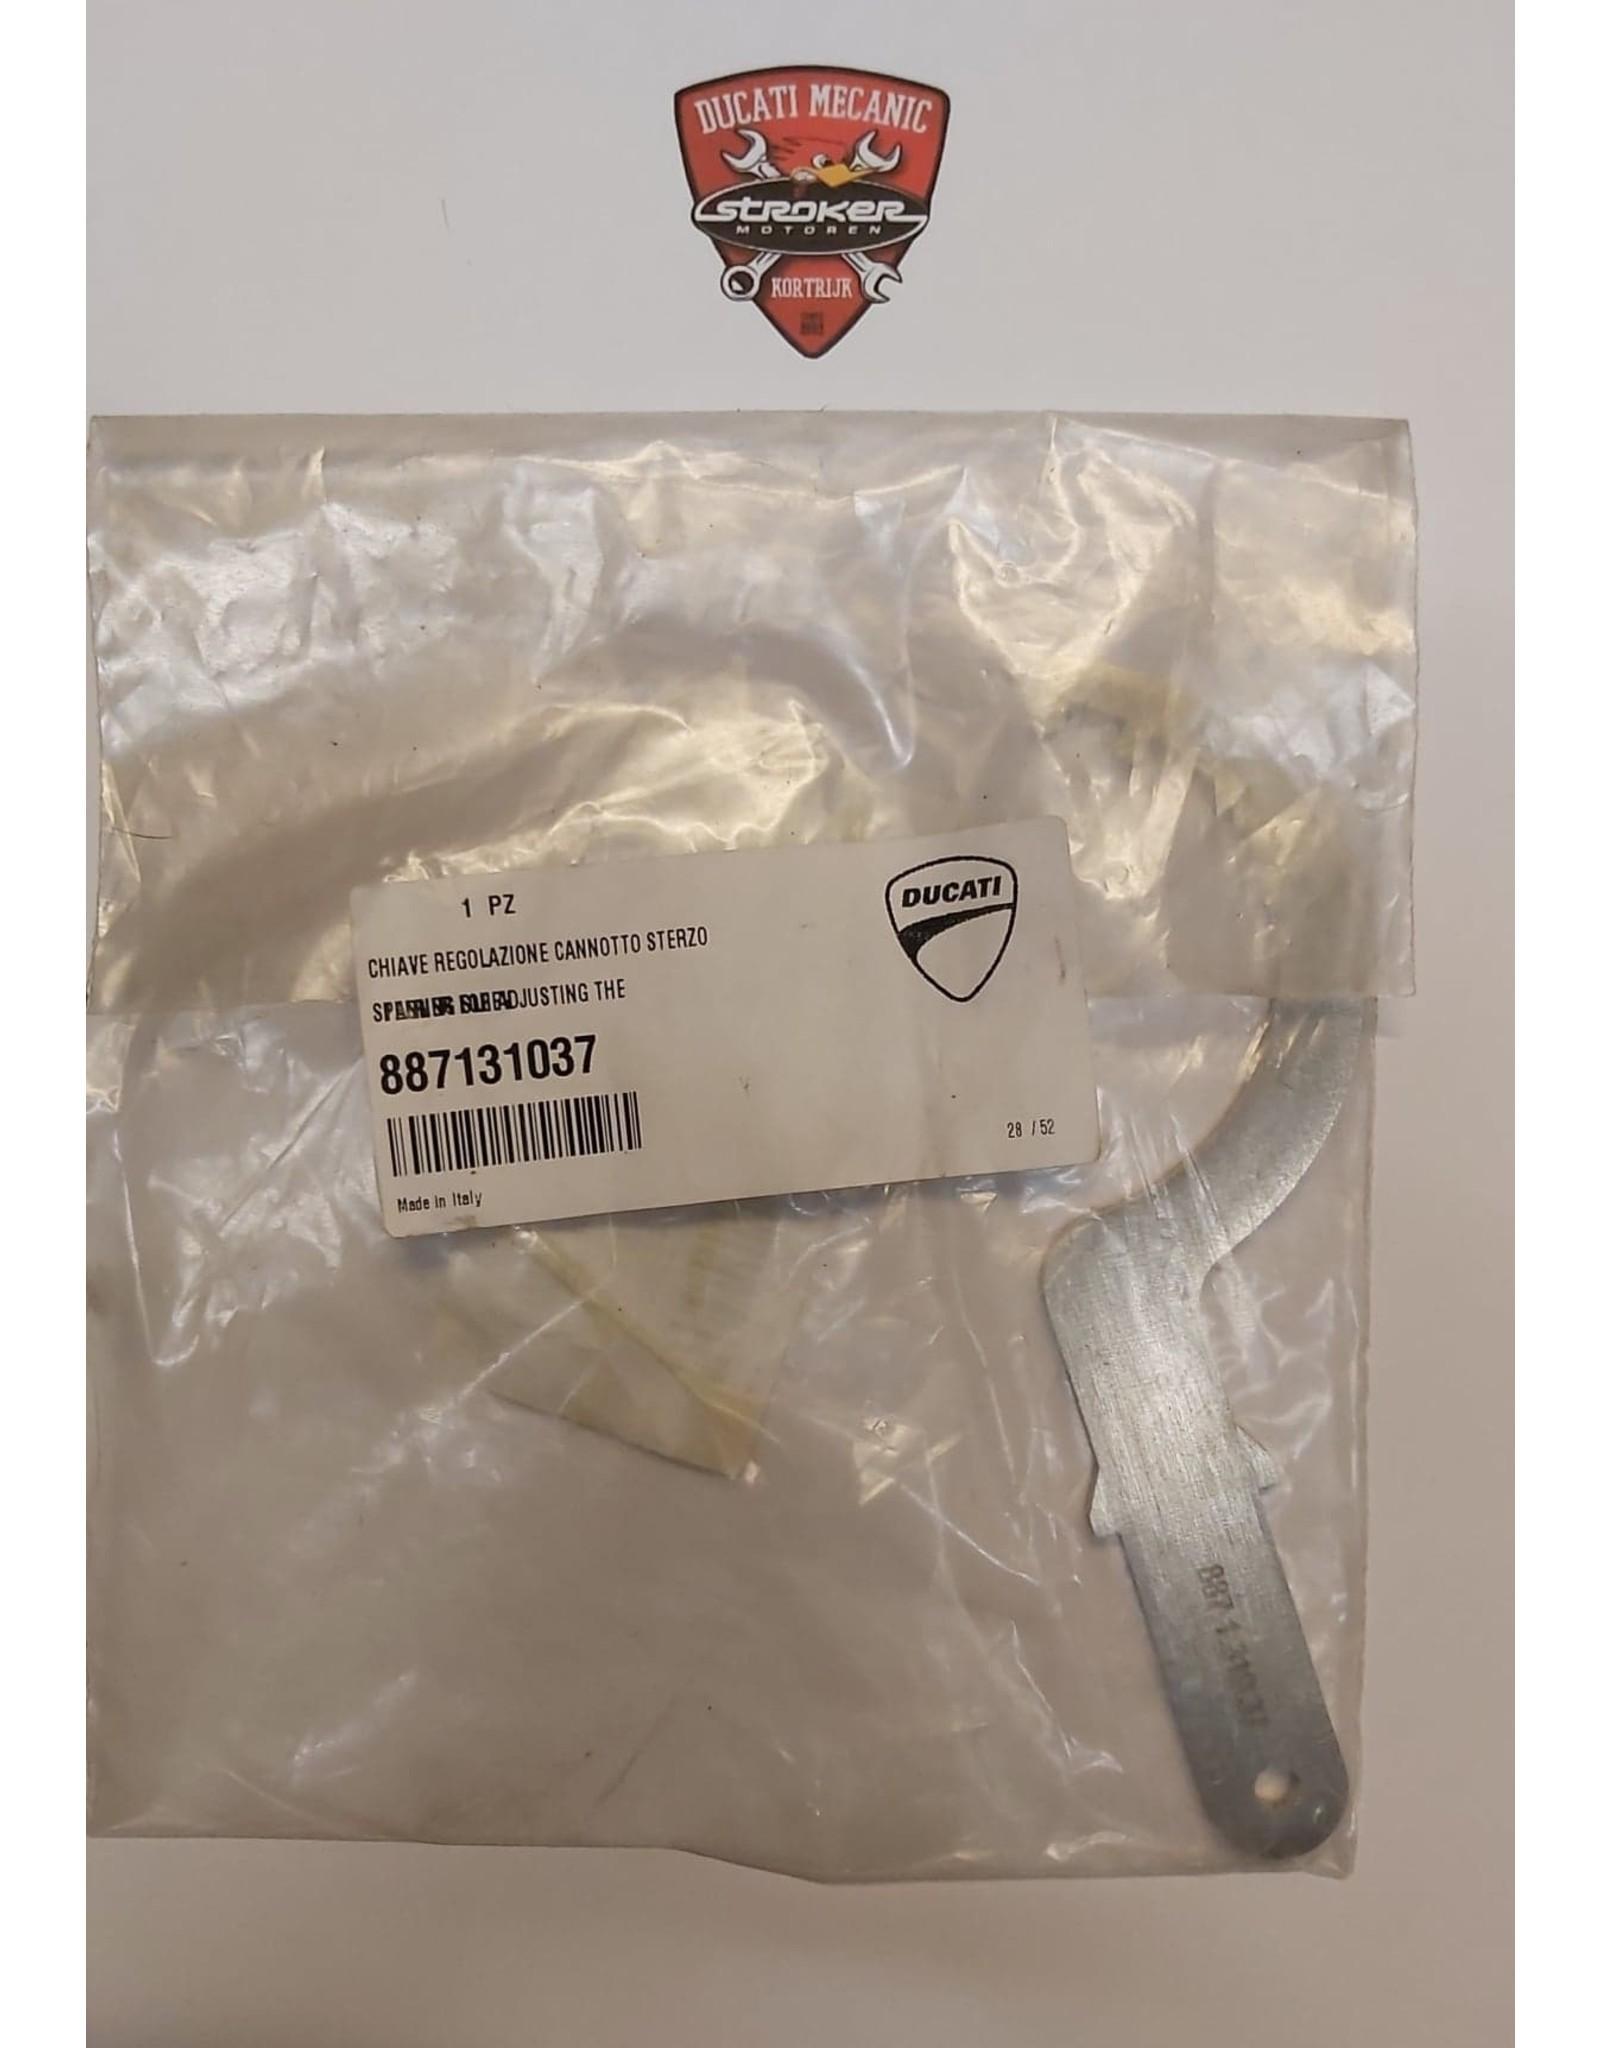 Ducati DUCATI SPANNER FOR ADJUSTING THE STEERING SLEEV 887131037